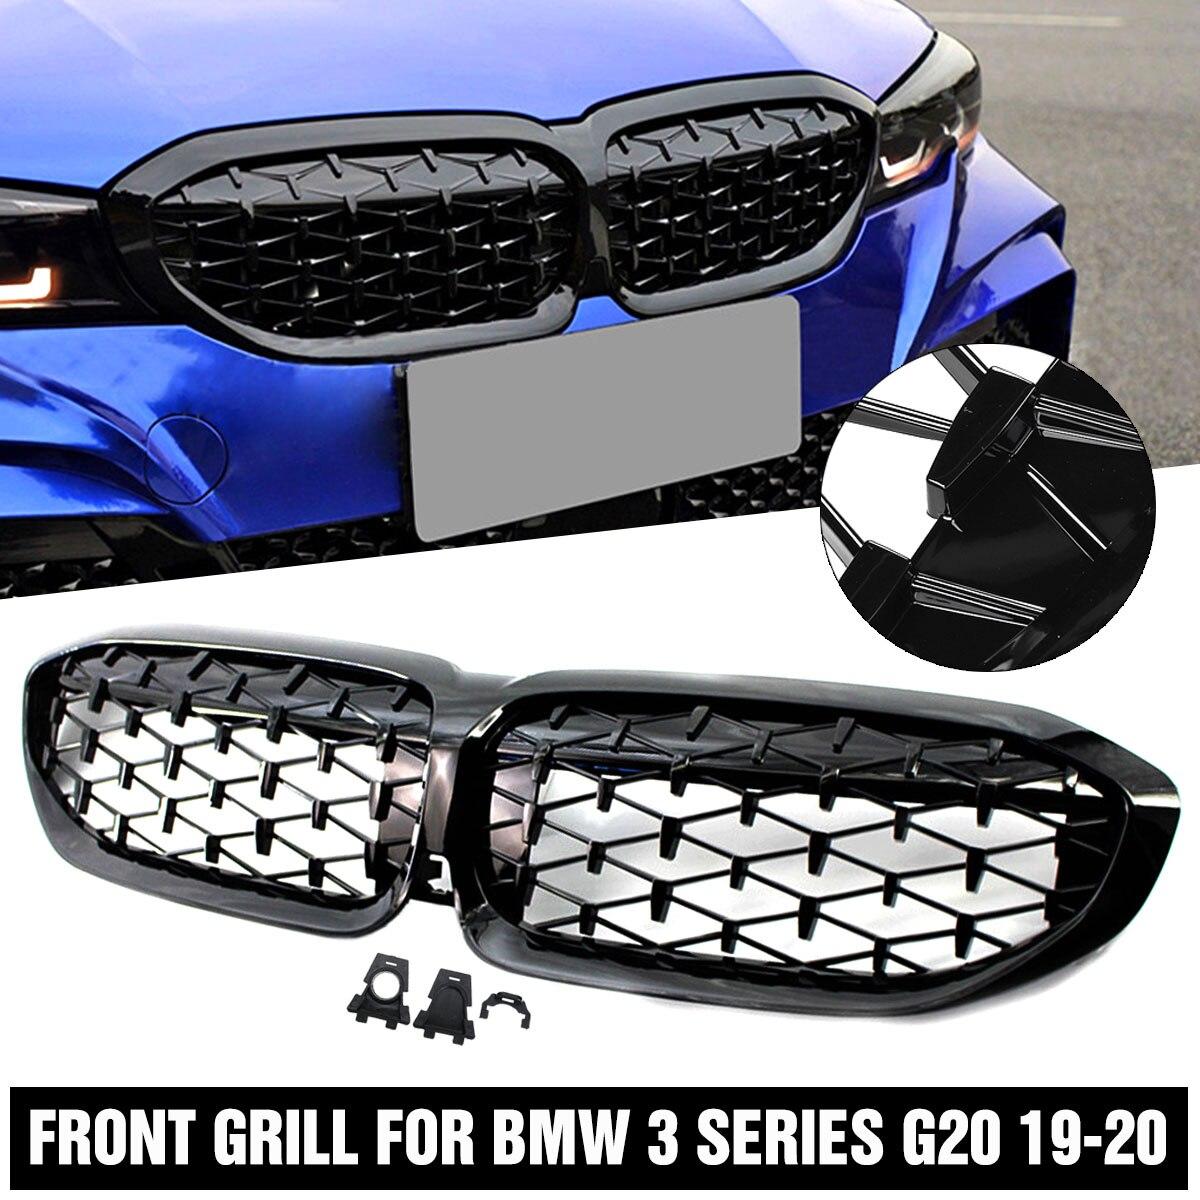 Estilo diamante amortecedor dianteiro rim grill corrida gloss preto para bmw série 3 g20 g21 2019-2020 51138072085